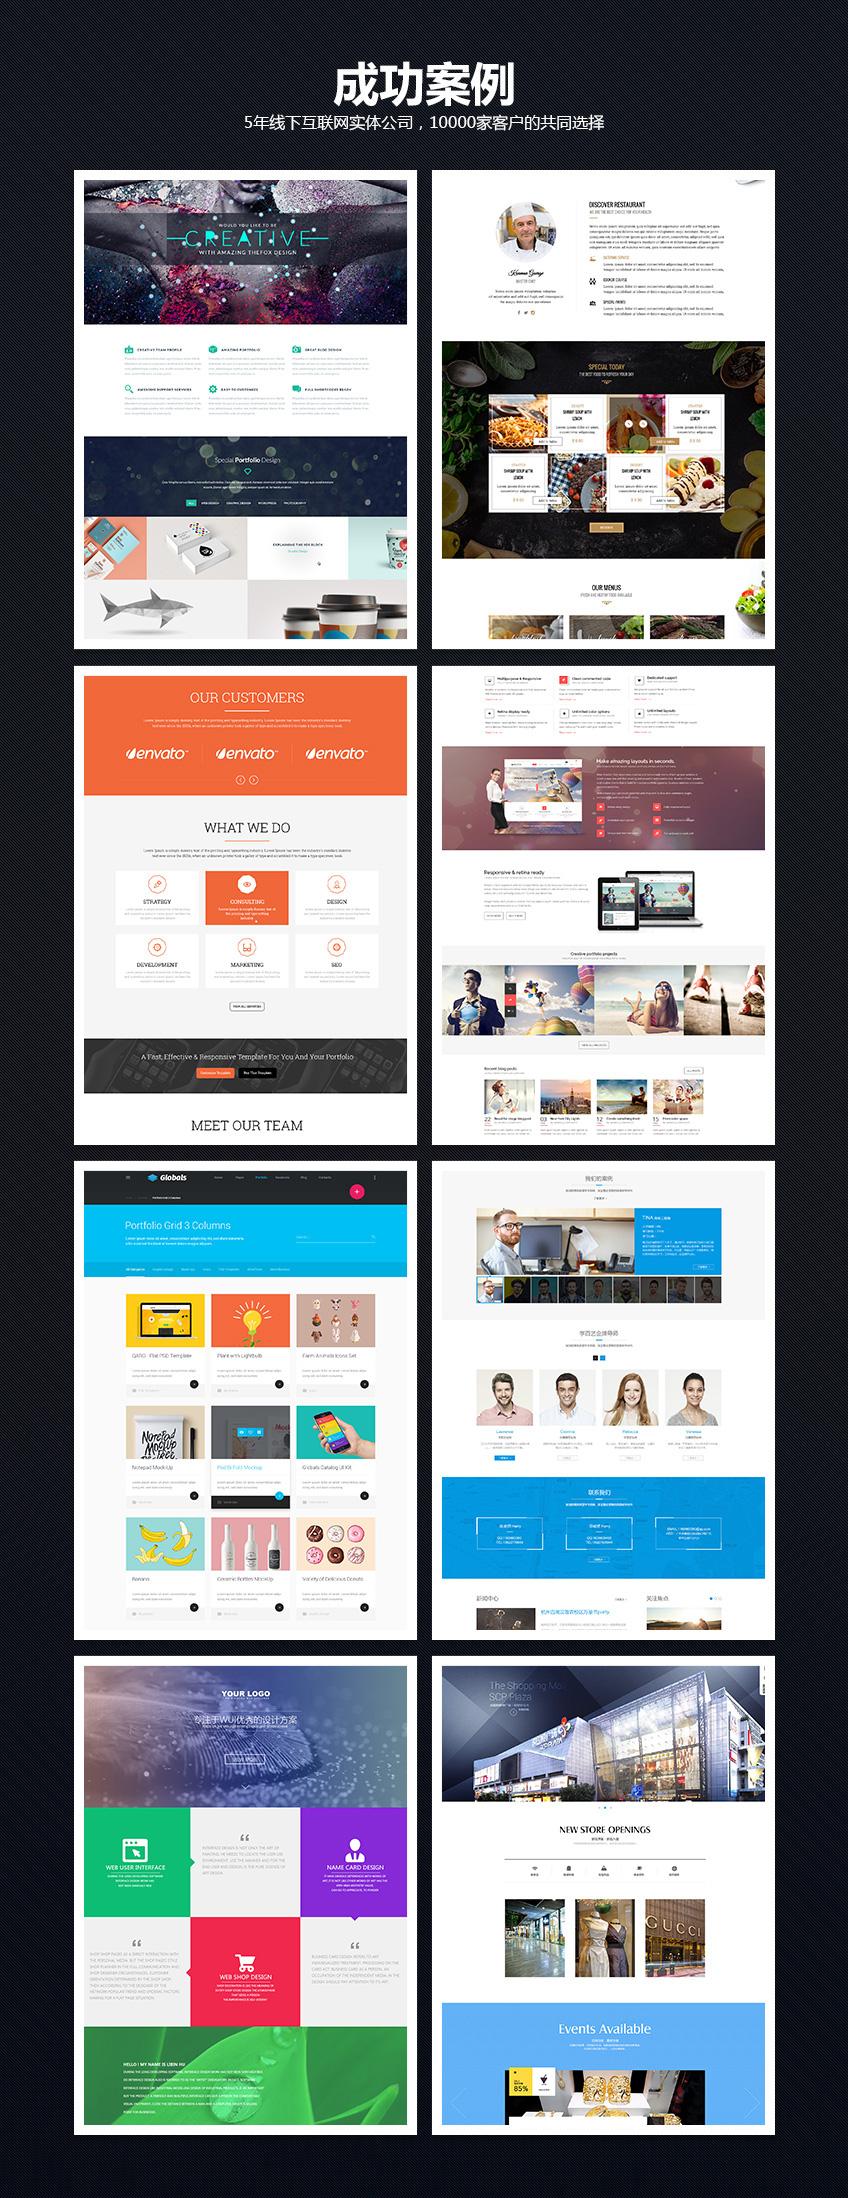 企业网站_集团企业定制 品牌网站高级定制 网站定制设计 网站三合一5